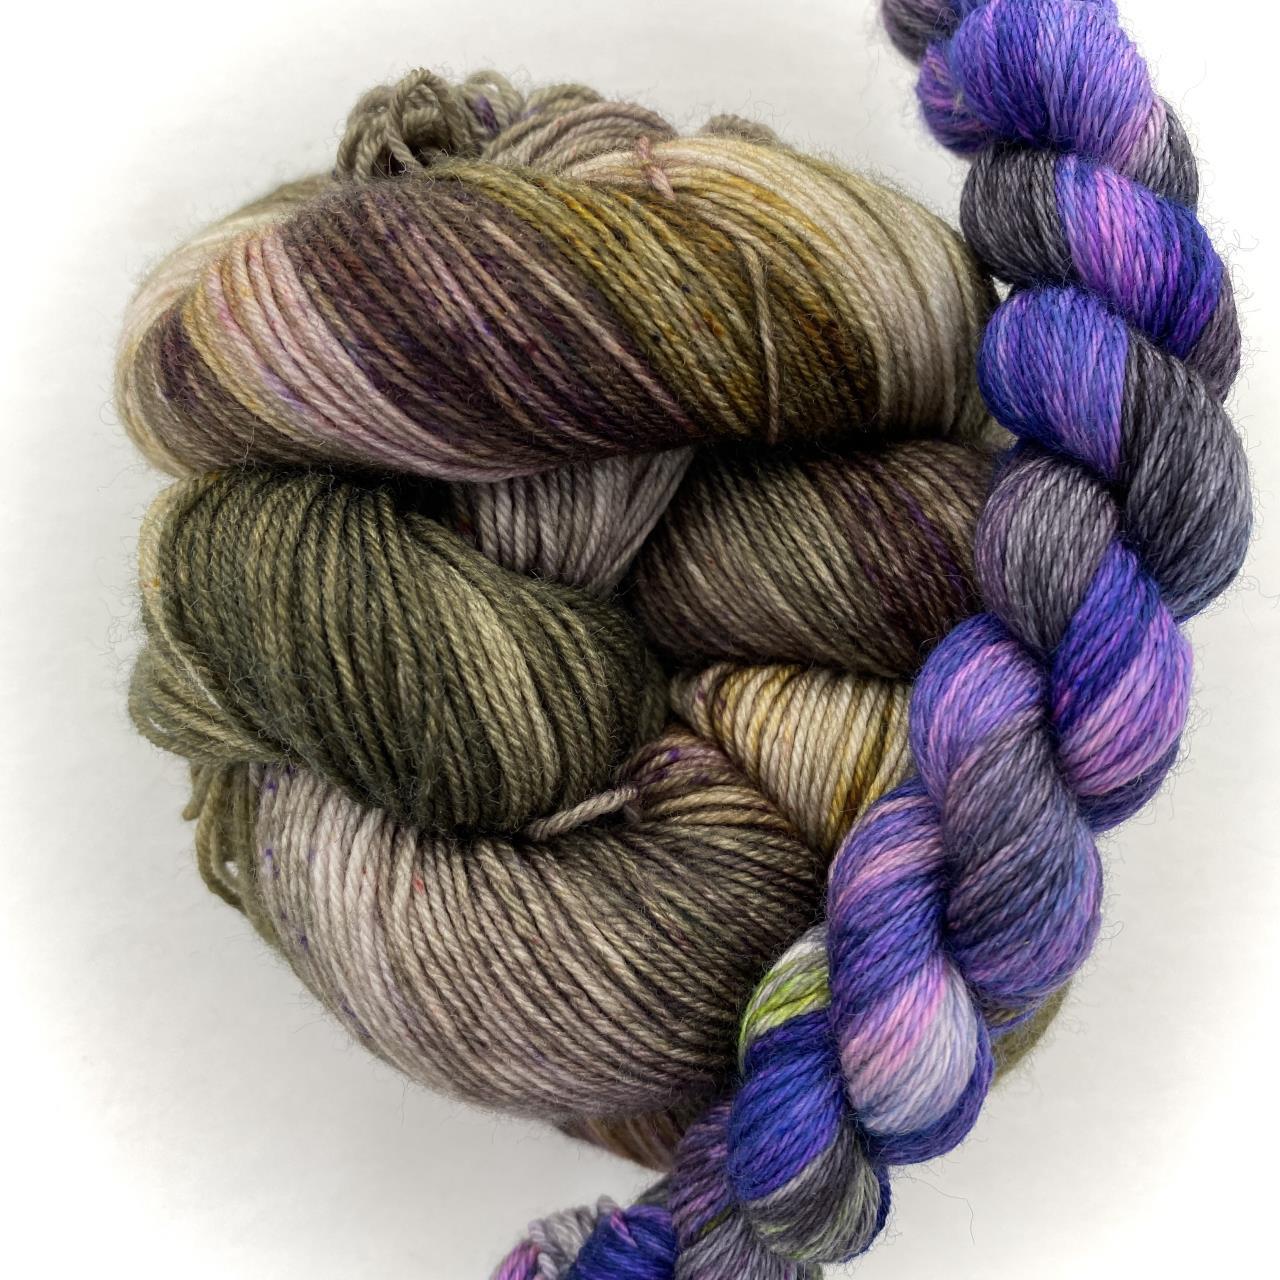 LITLG Sock Set Midsmr Succulent -